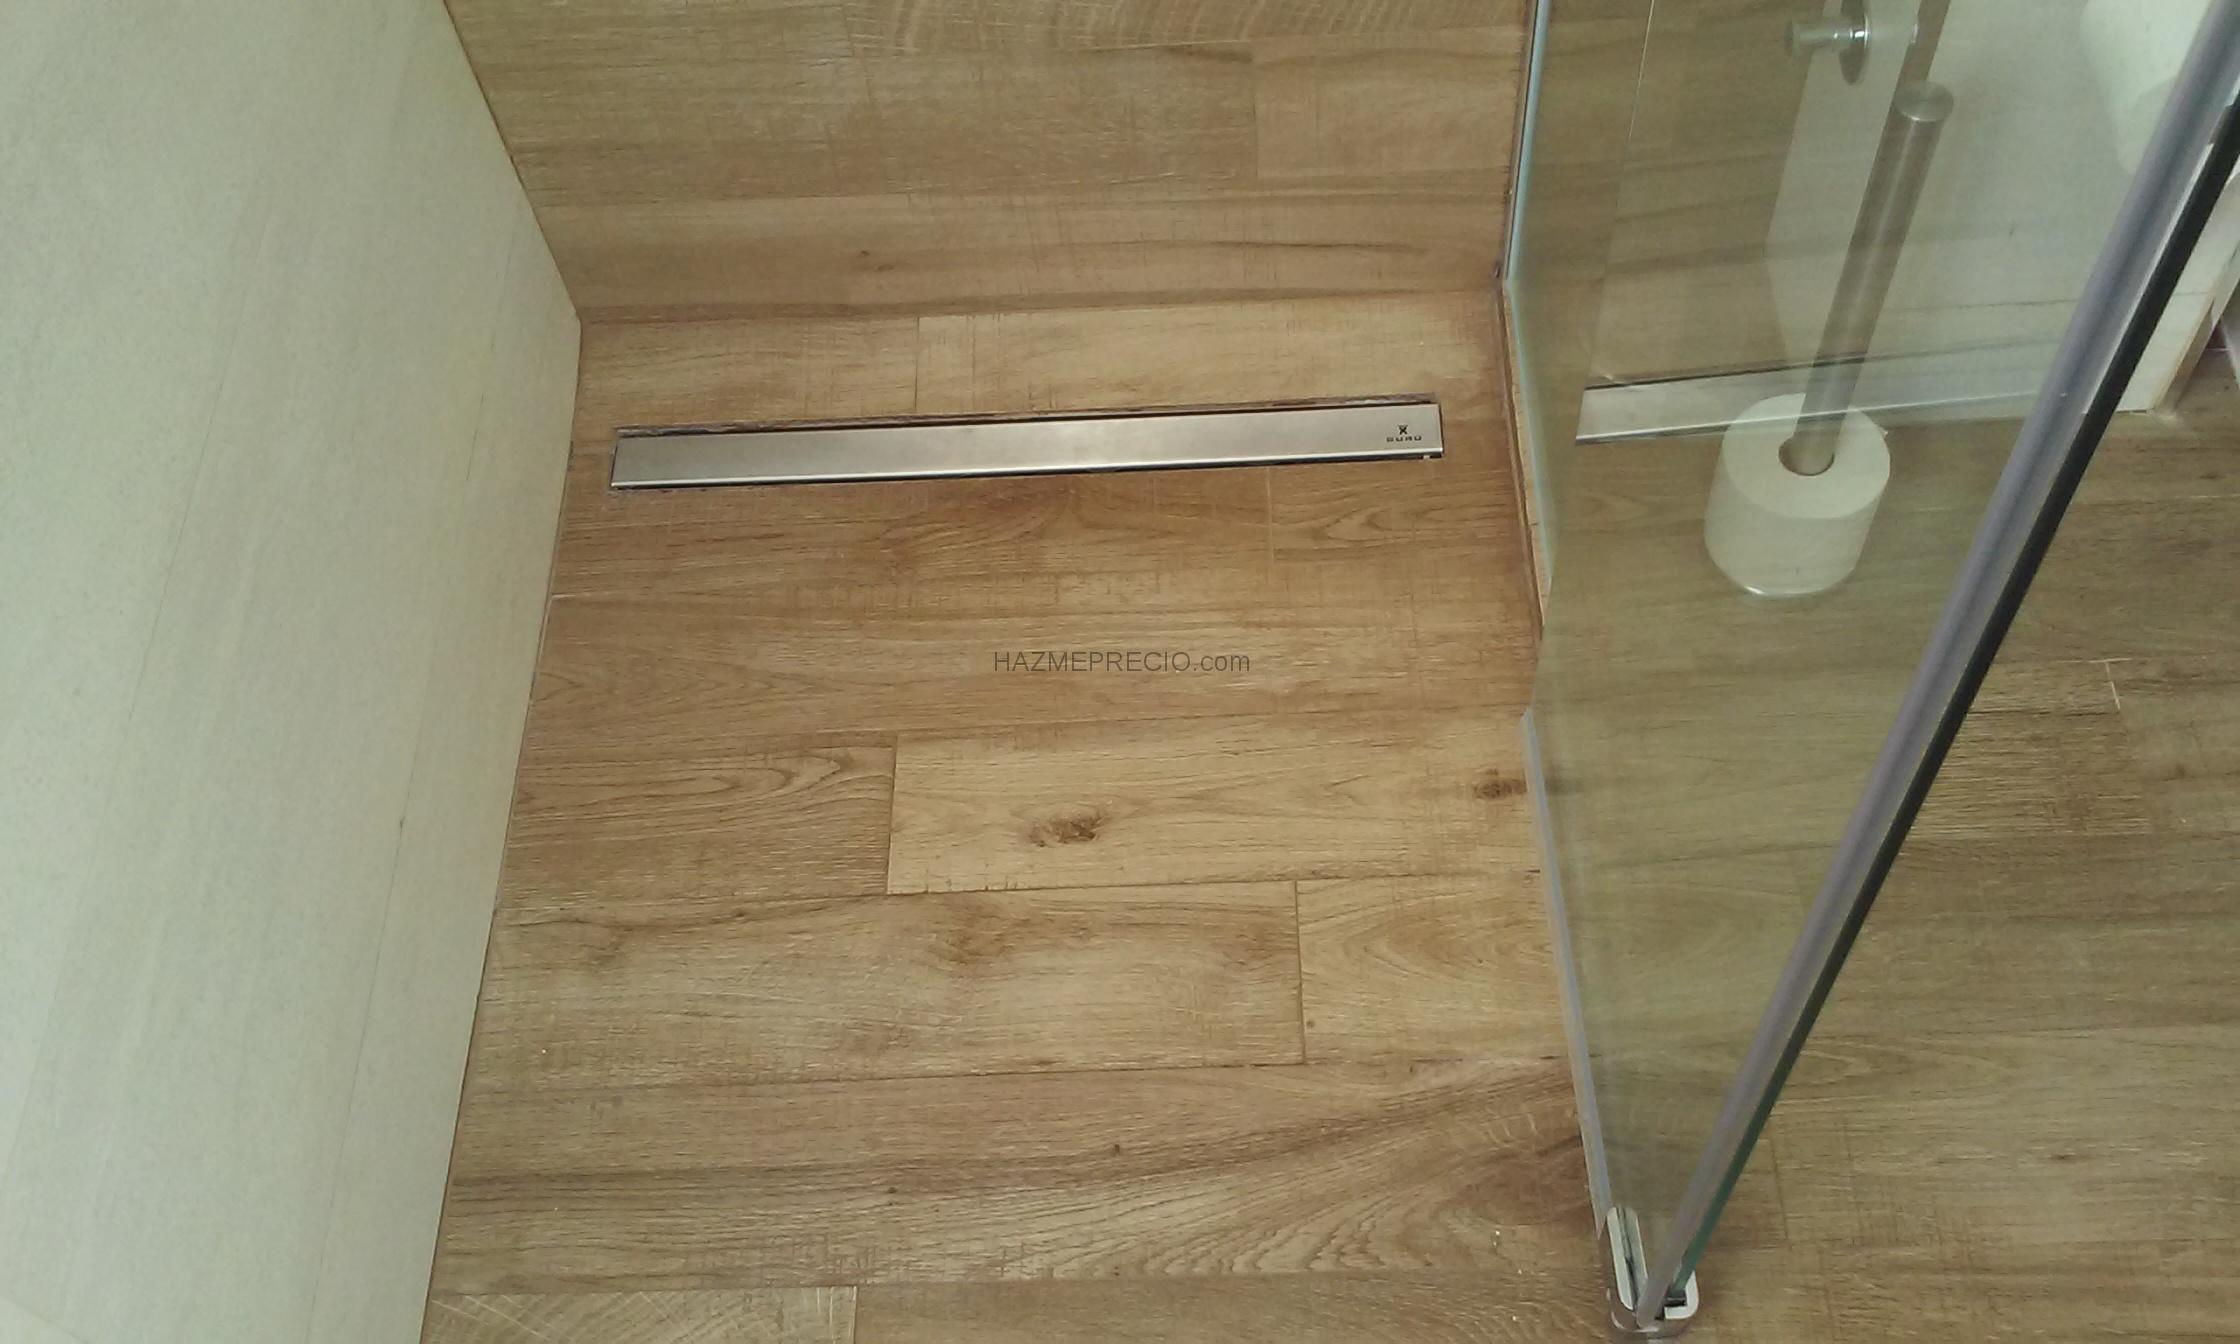 Precio m2 colocacion suelo gres affordable simple pisos - Gres porcelanico precio m2 ...